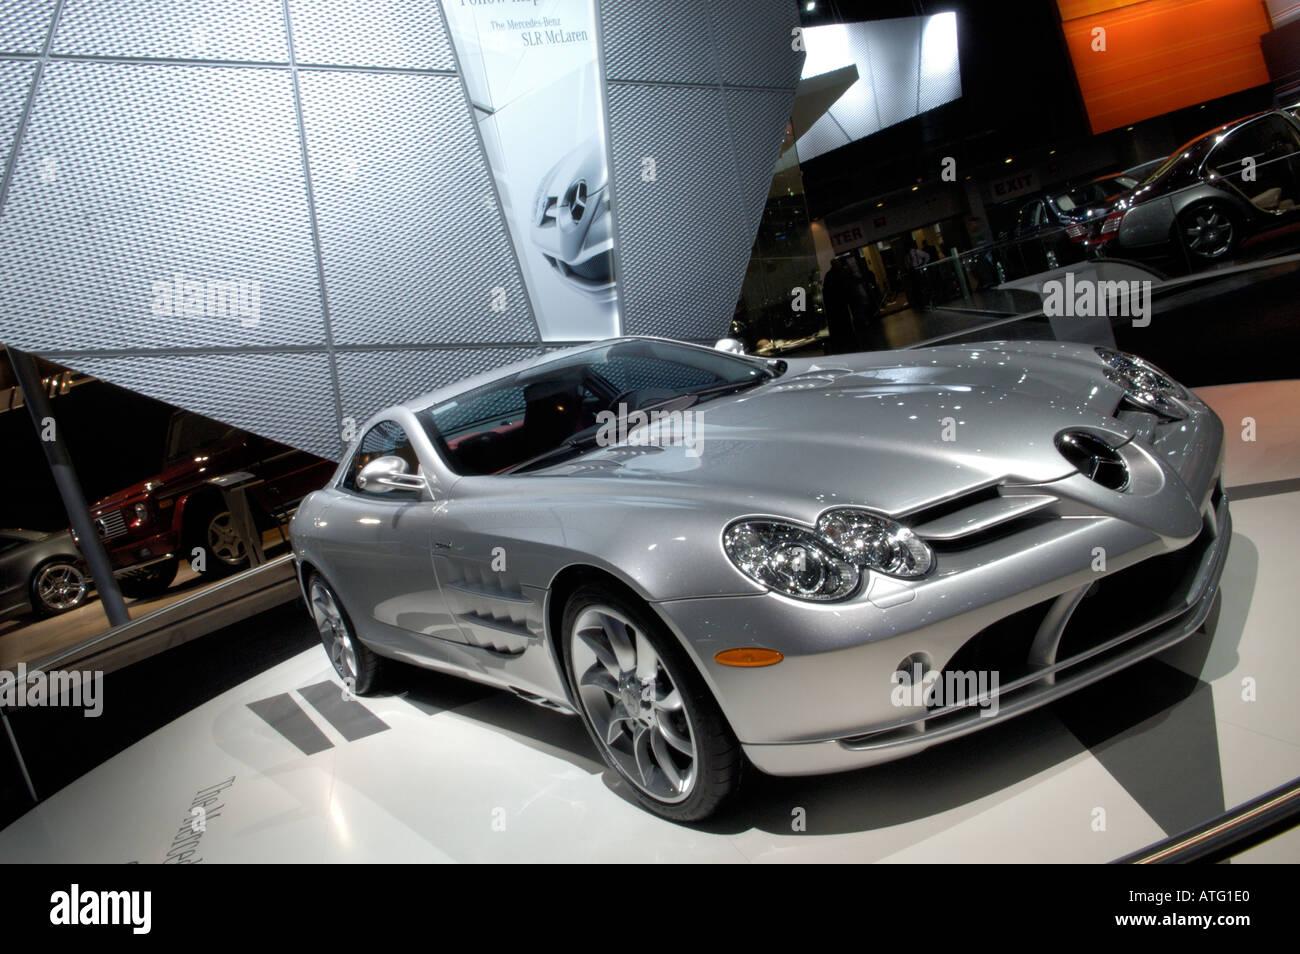 Car Mercedes Slr Mclaren Coupe Coupe Stockfotos & Car Mercedes Slr ...